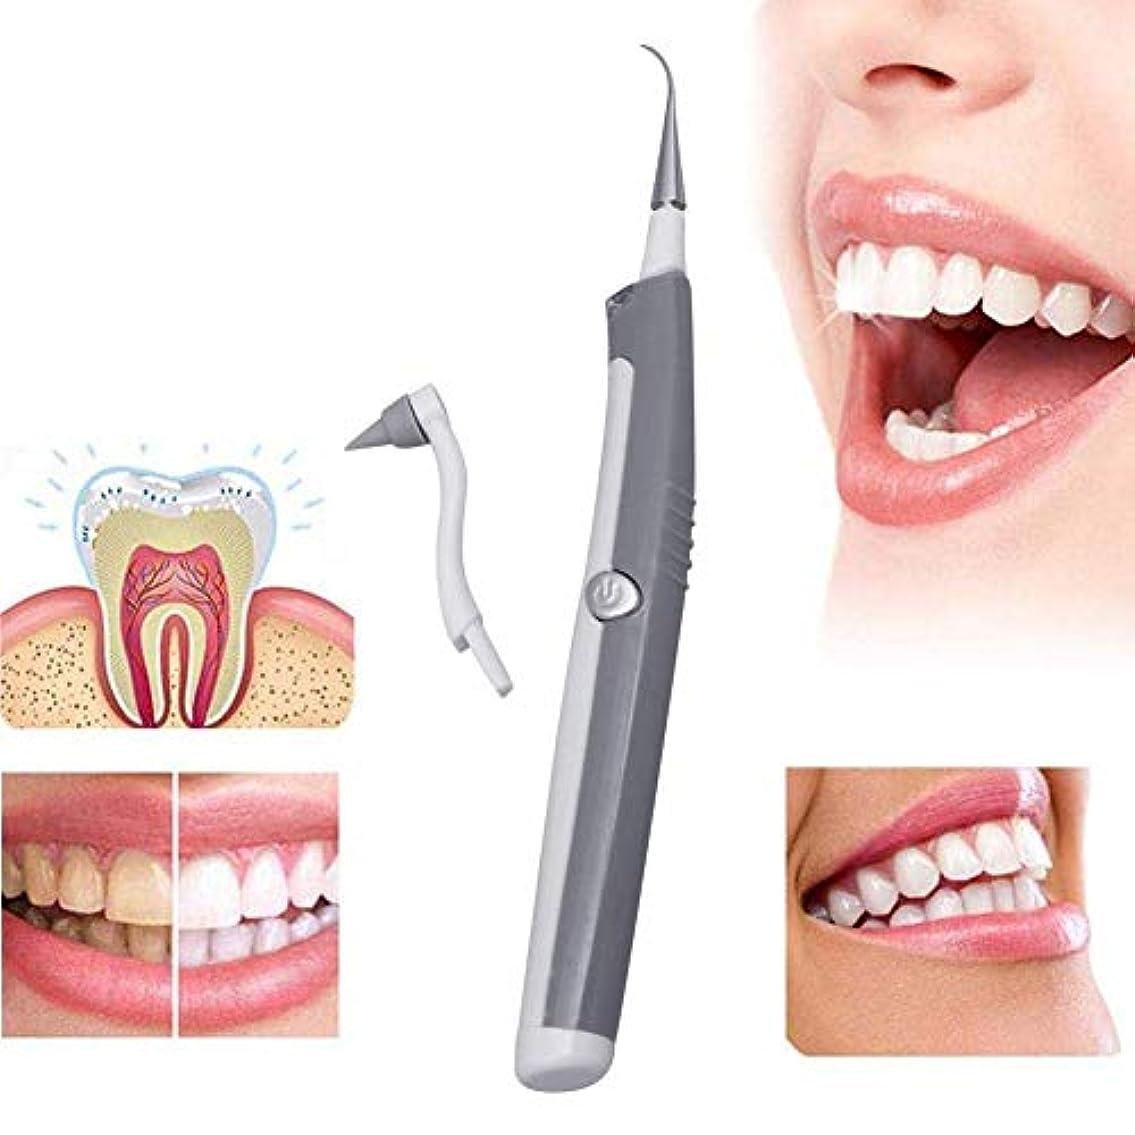 頬骨とげのある施設振動歯ホワイトニングツール電動歯石マッサージ歯ホワイトニング歯科クリーニングスケーラ歯ツール